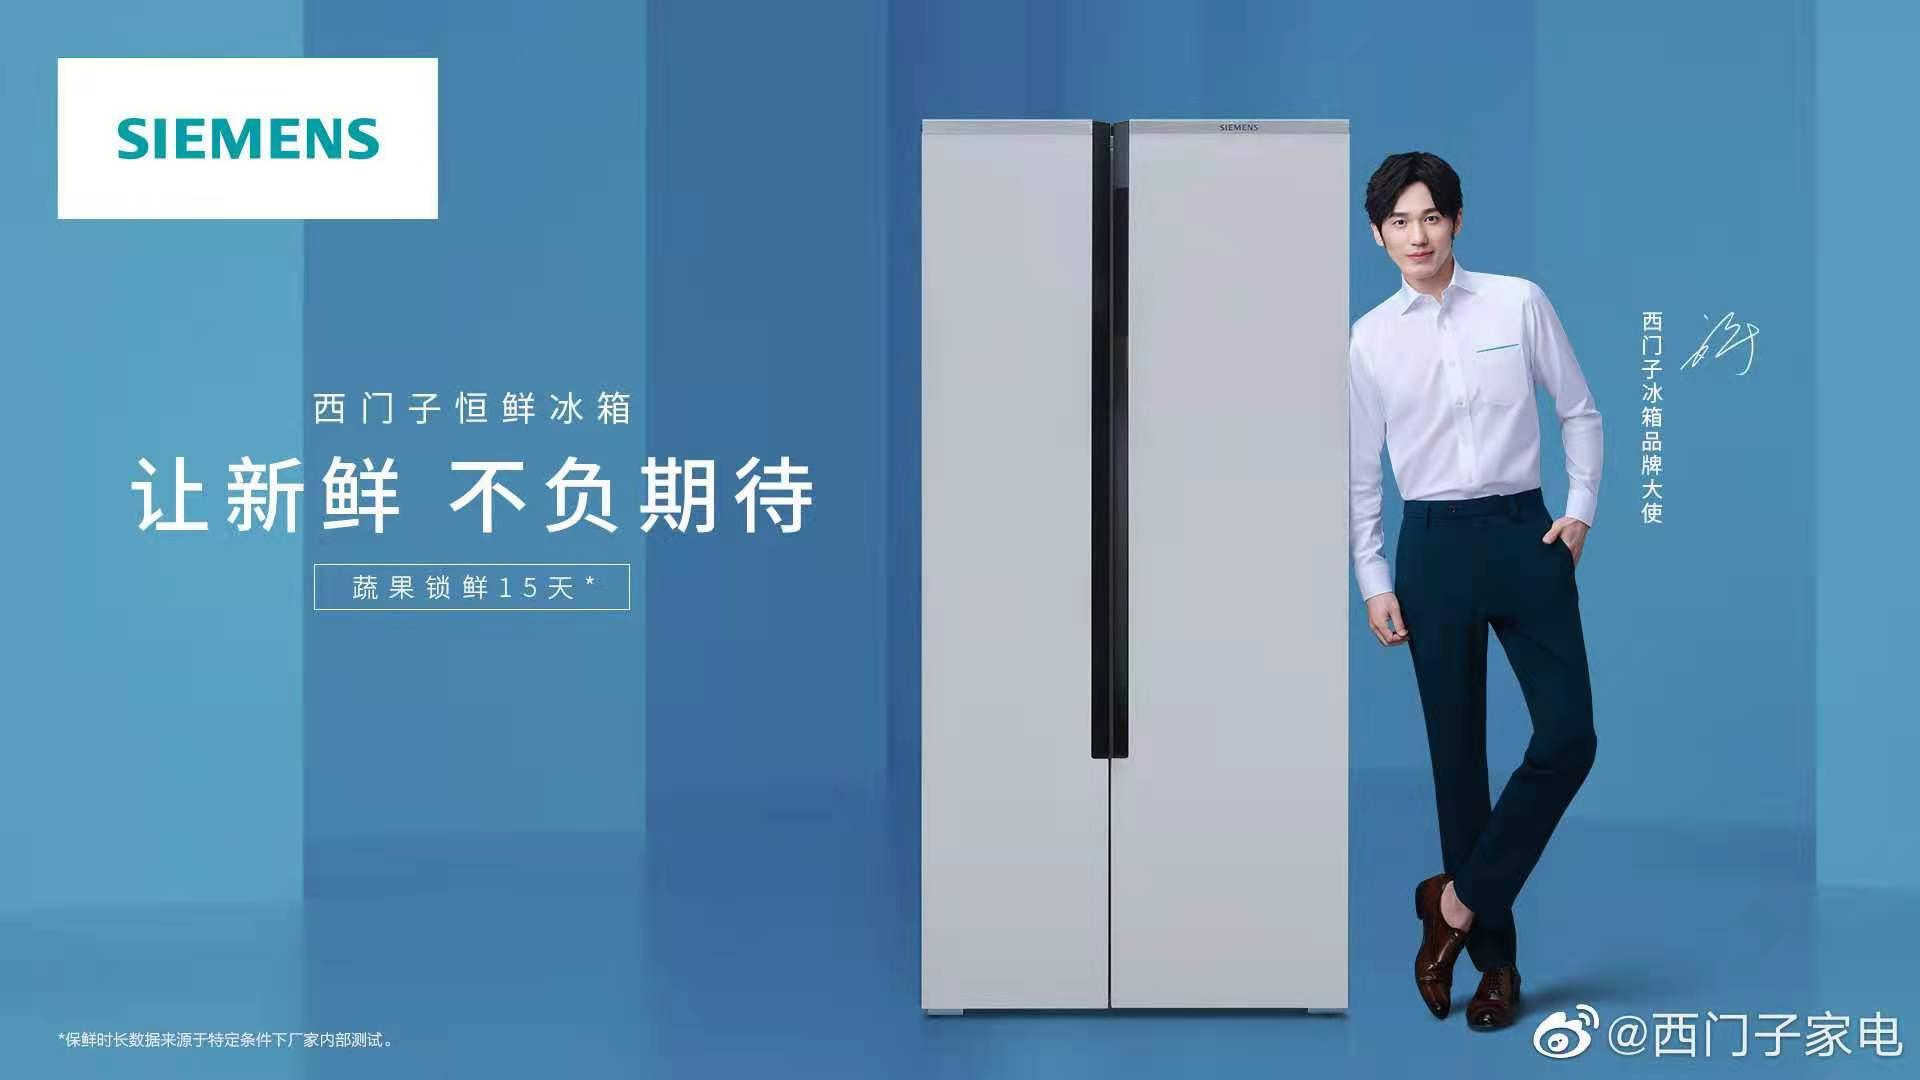 白宇官宣代言摩托罗拉手机 品牌认可度及商业价值持续升高